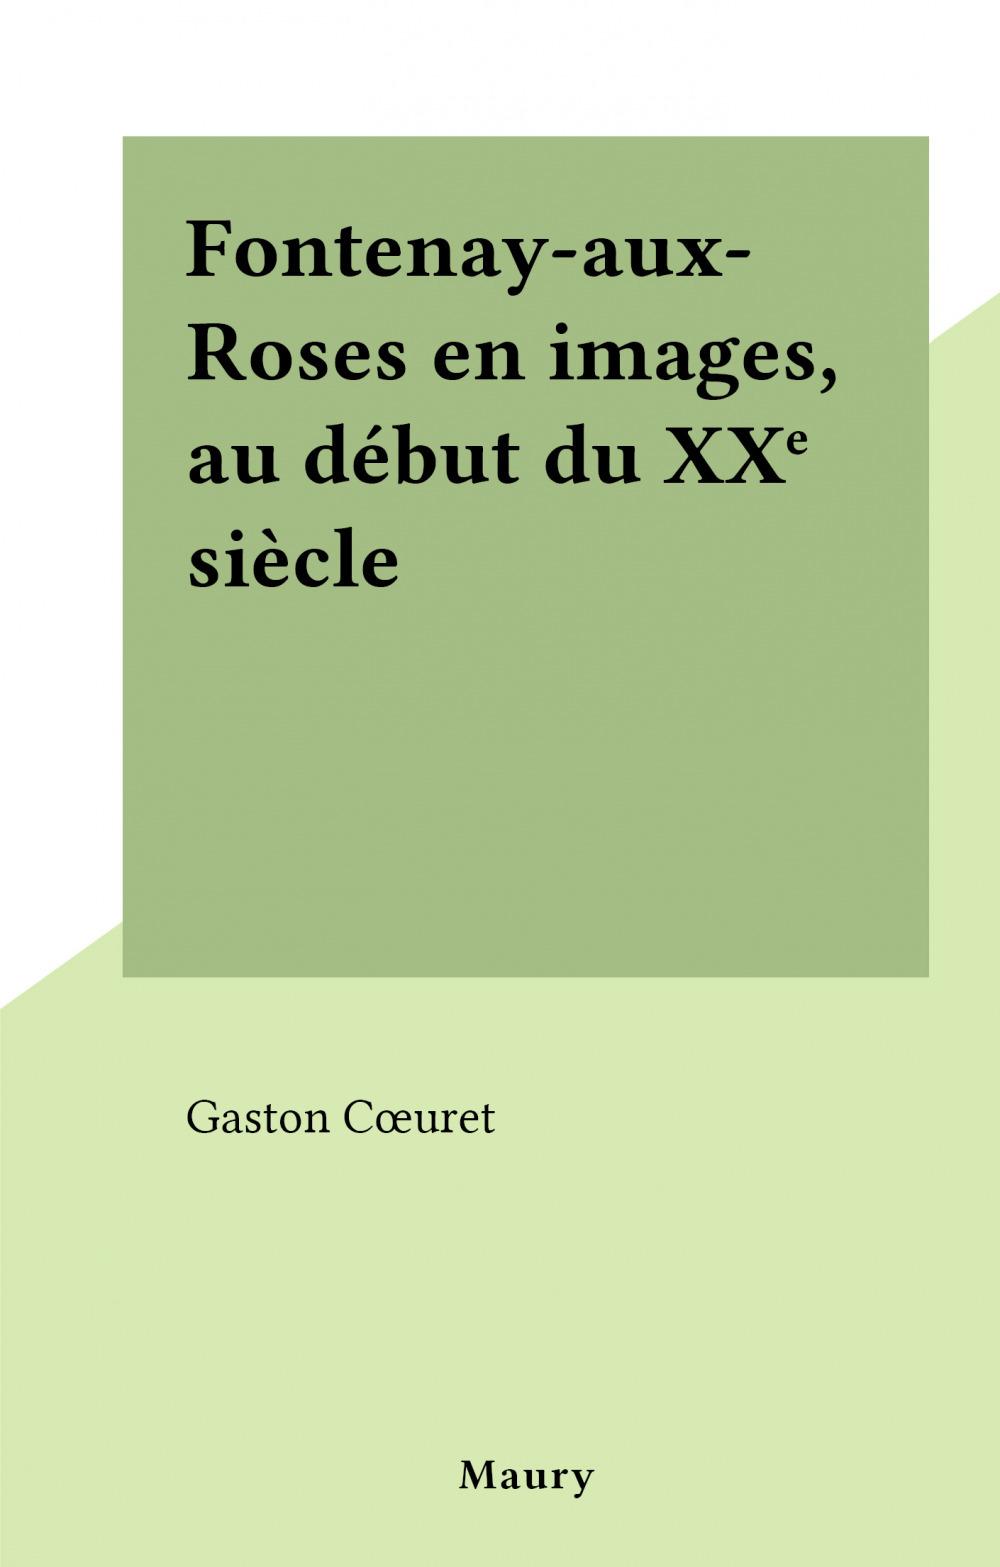 Fontenay-aux-Roses en images, au début du XXe siècle